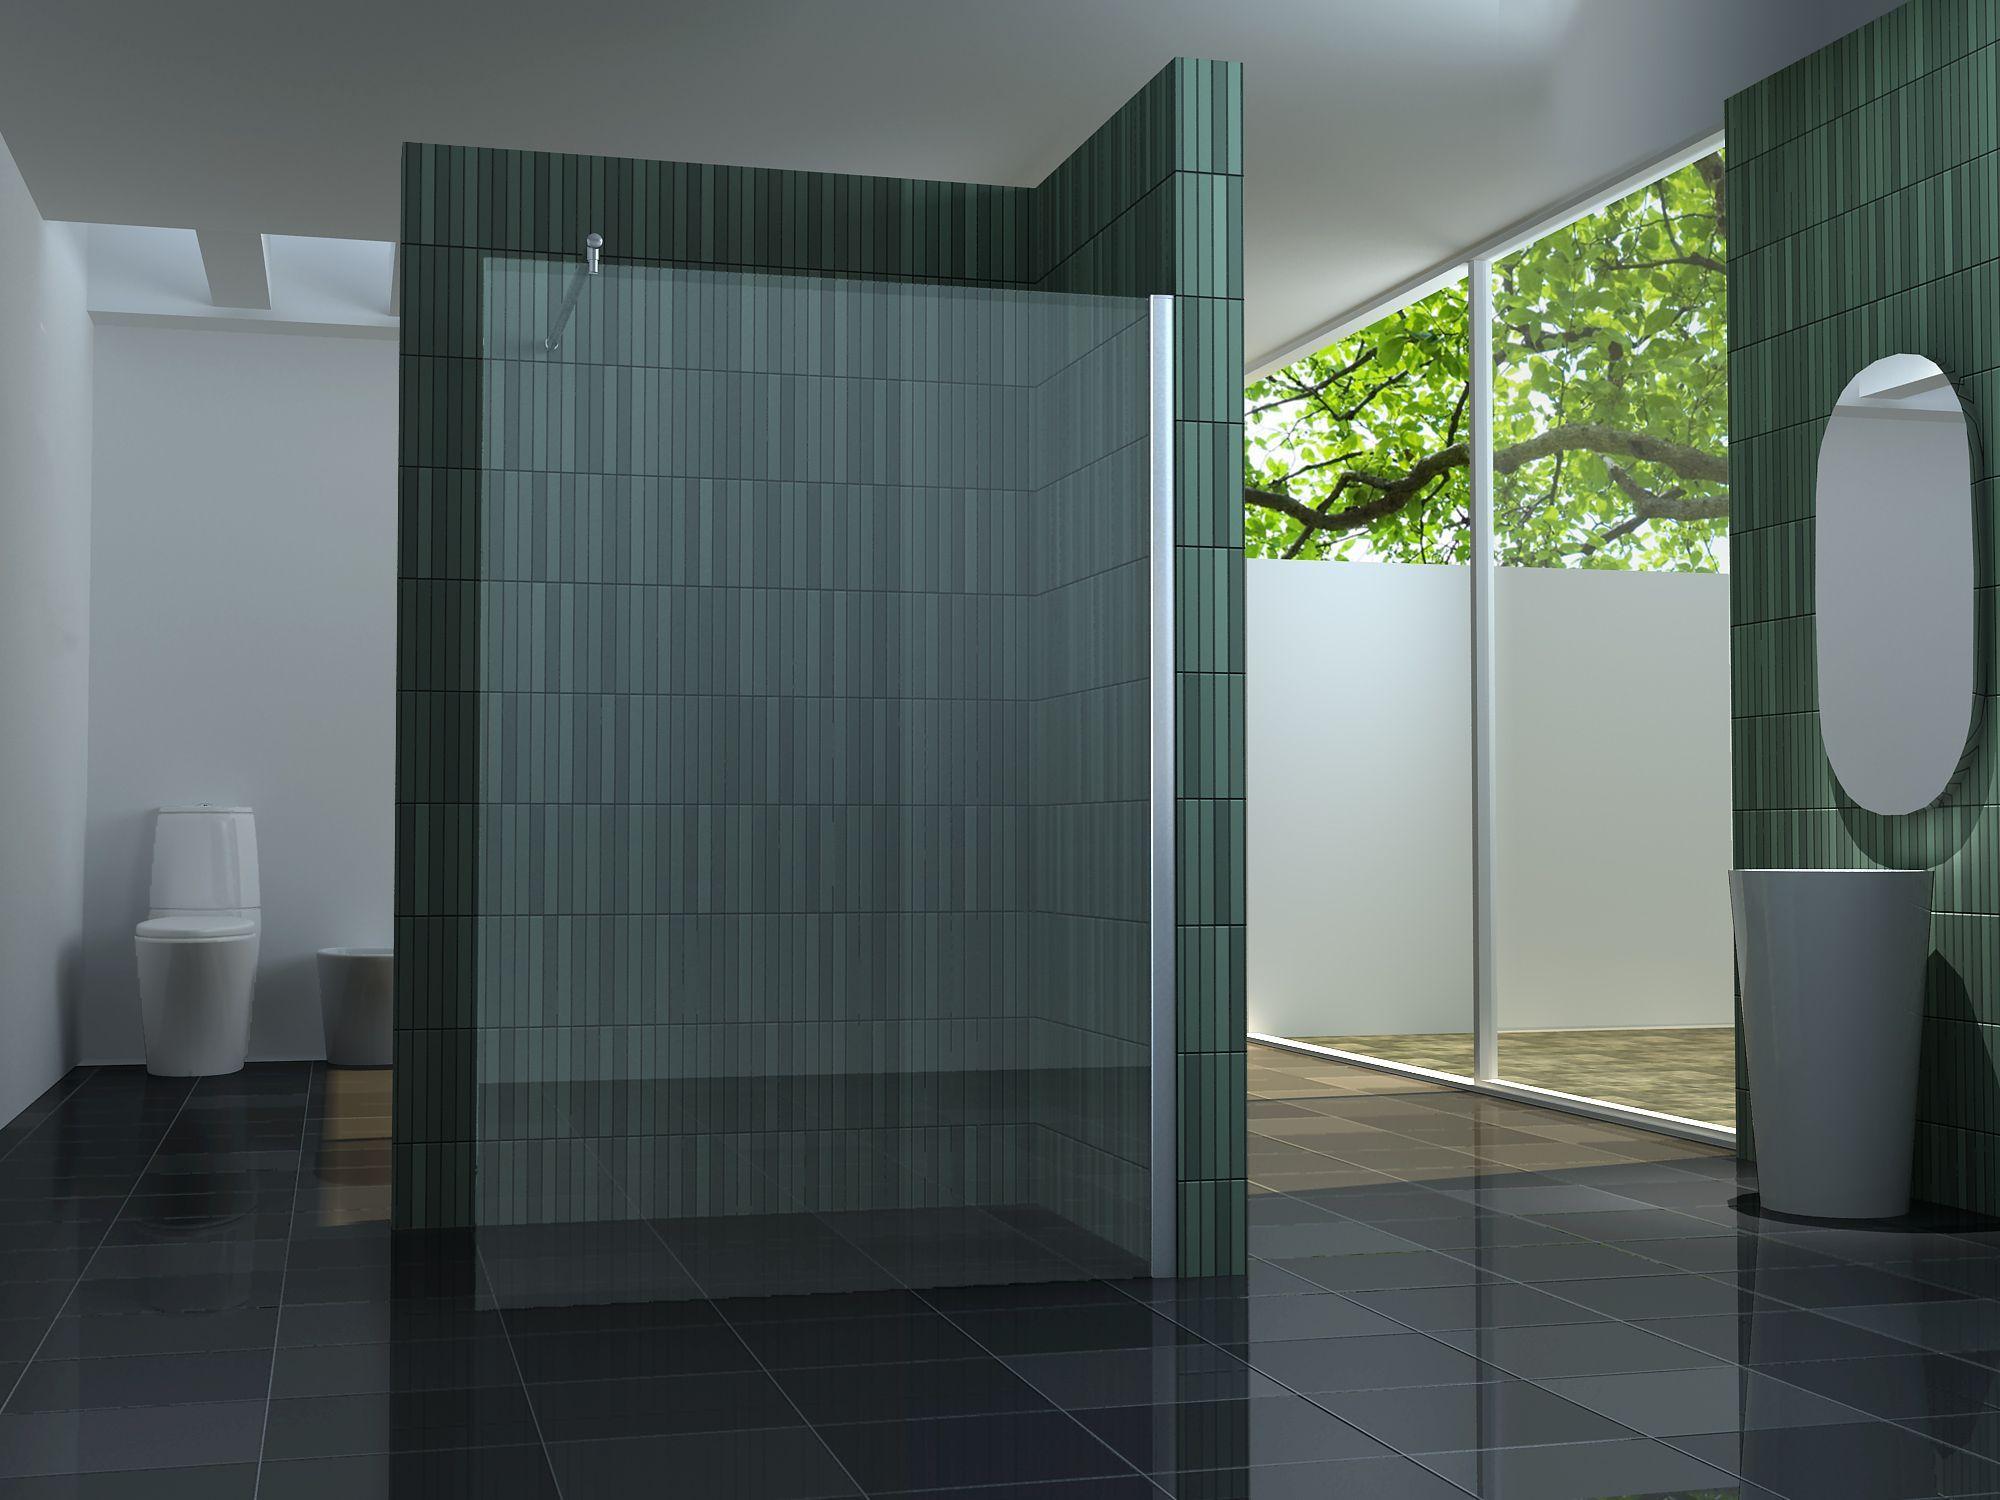 Duschabtrennung glaswand  Duschabtrennung Glas | ☆Badezimmer☆ | Pinterest ...